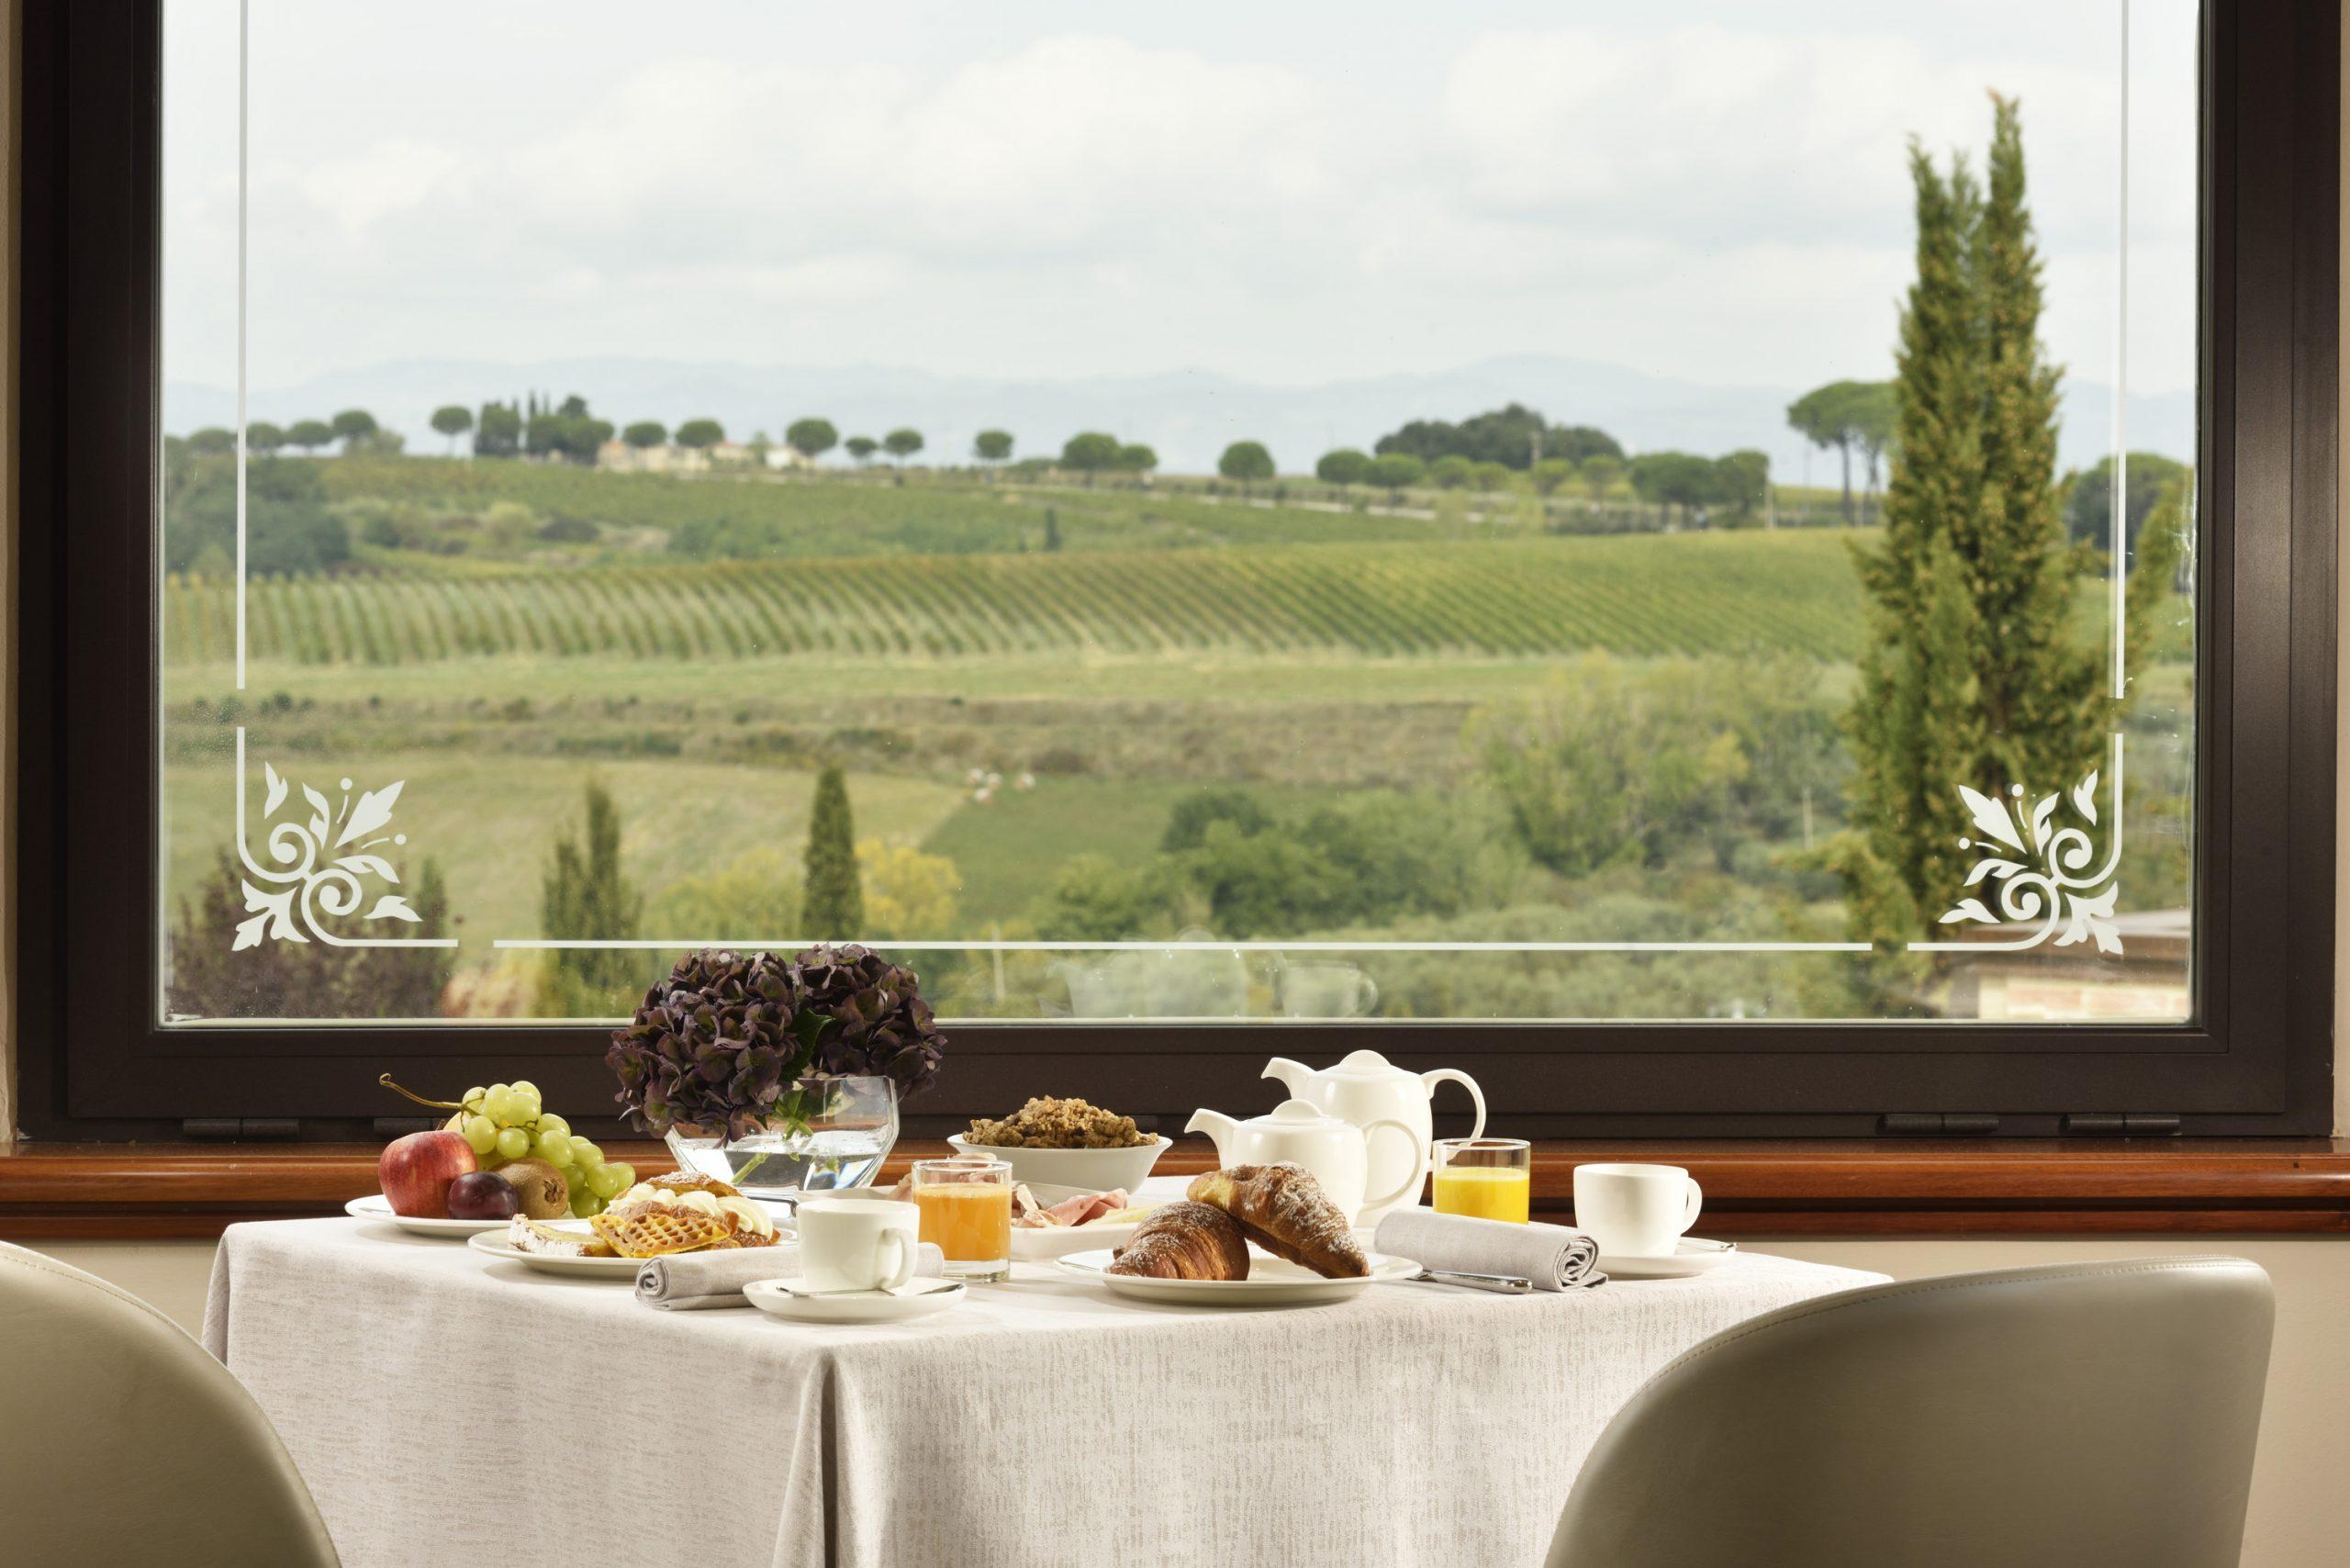 Borgobrufa SPA resort colazione